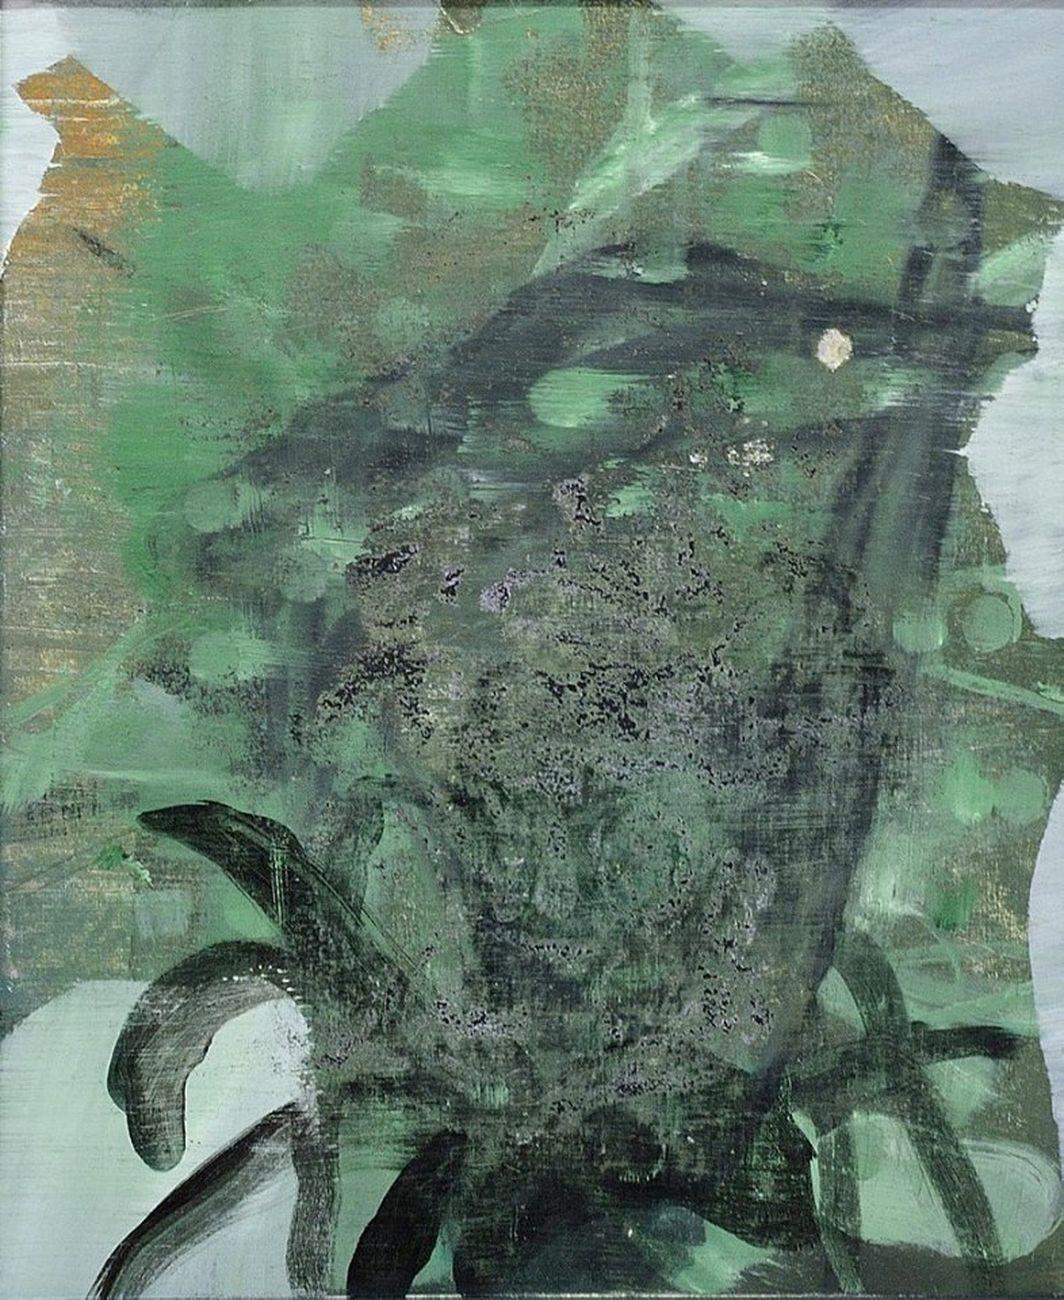 Lorenzo Di Lucido, Erased 2017, olio su tela, 46x38 cm